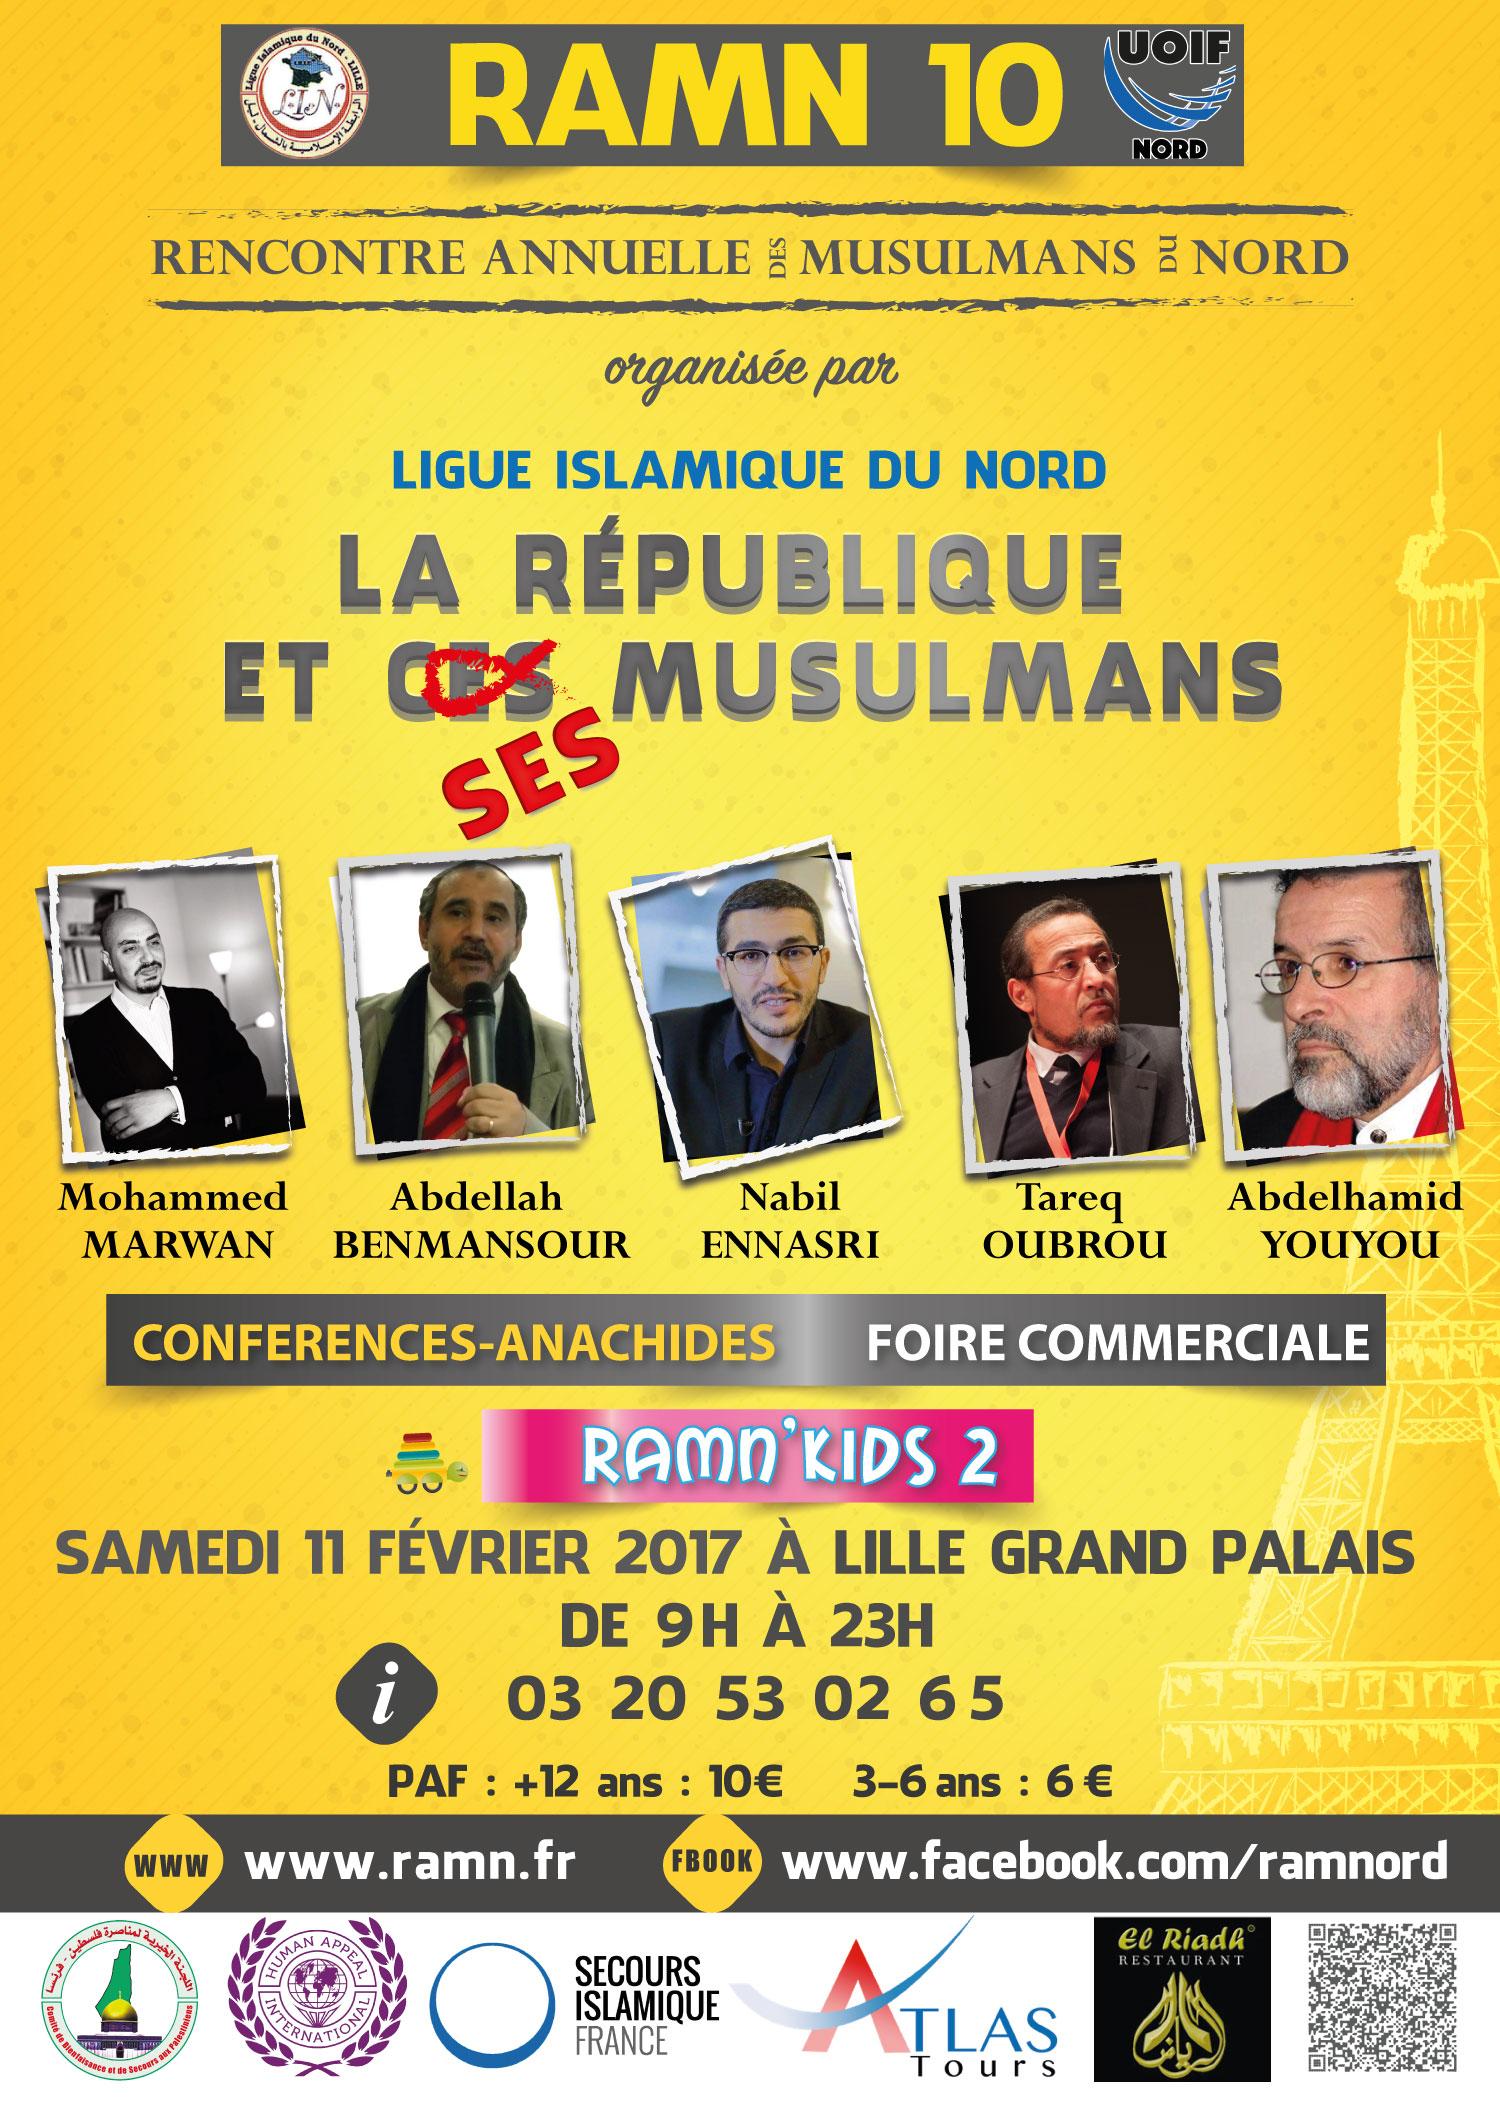 Rencontre annuelle des musulmans de france 2016 lille